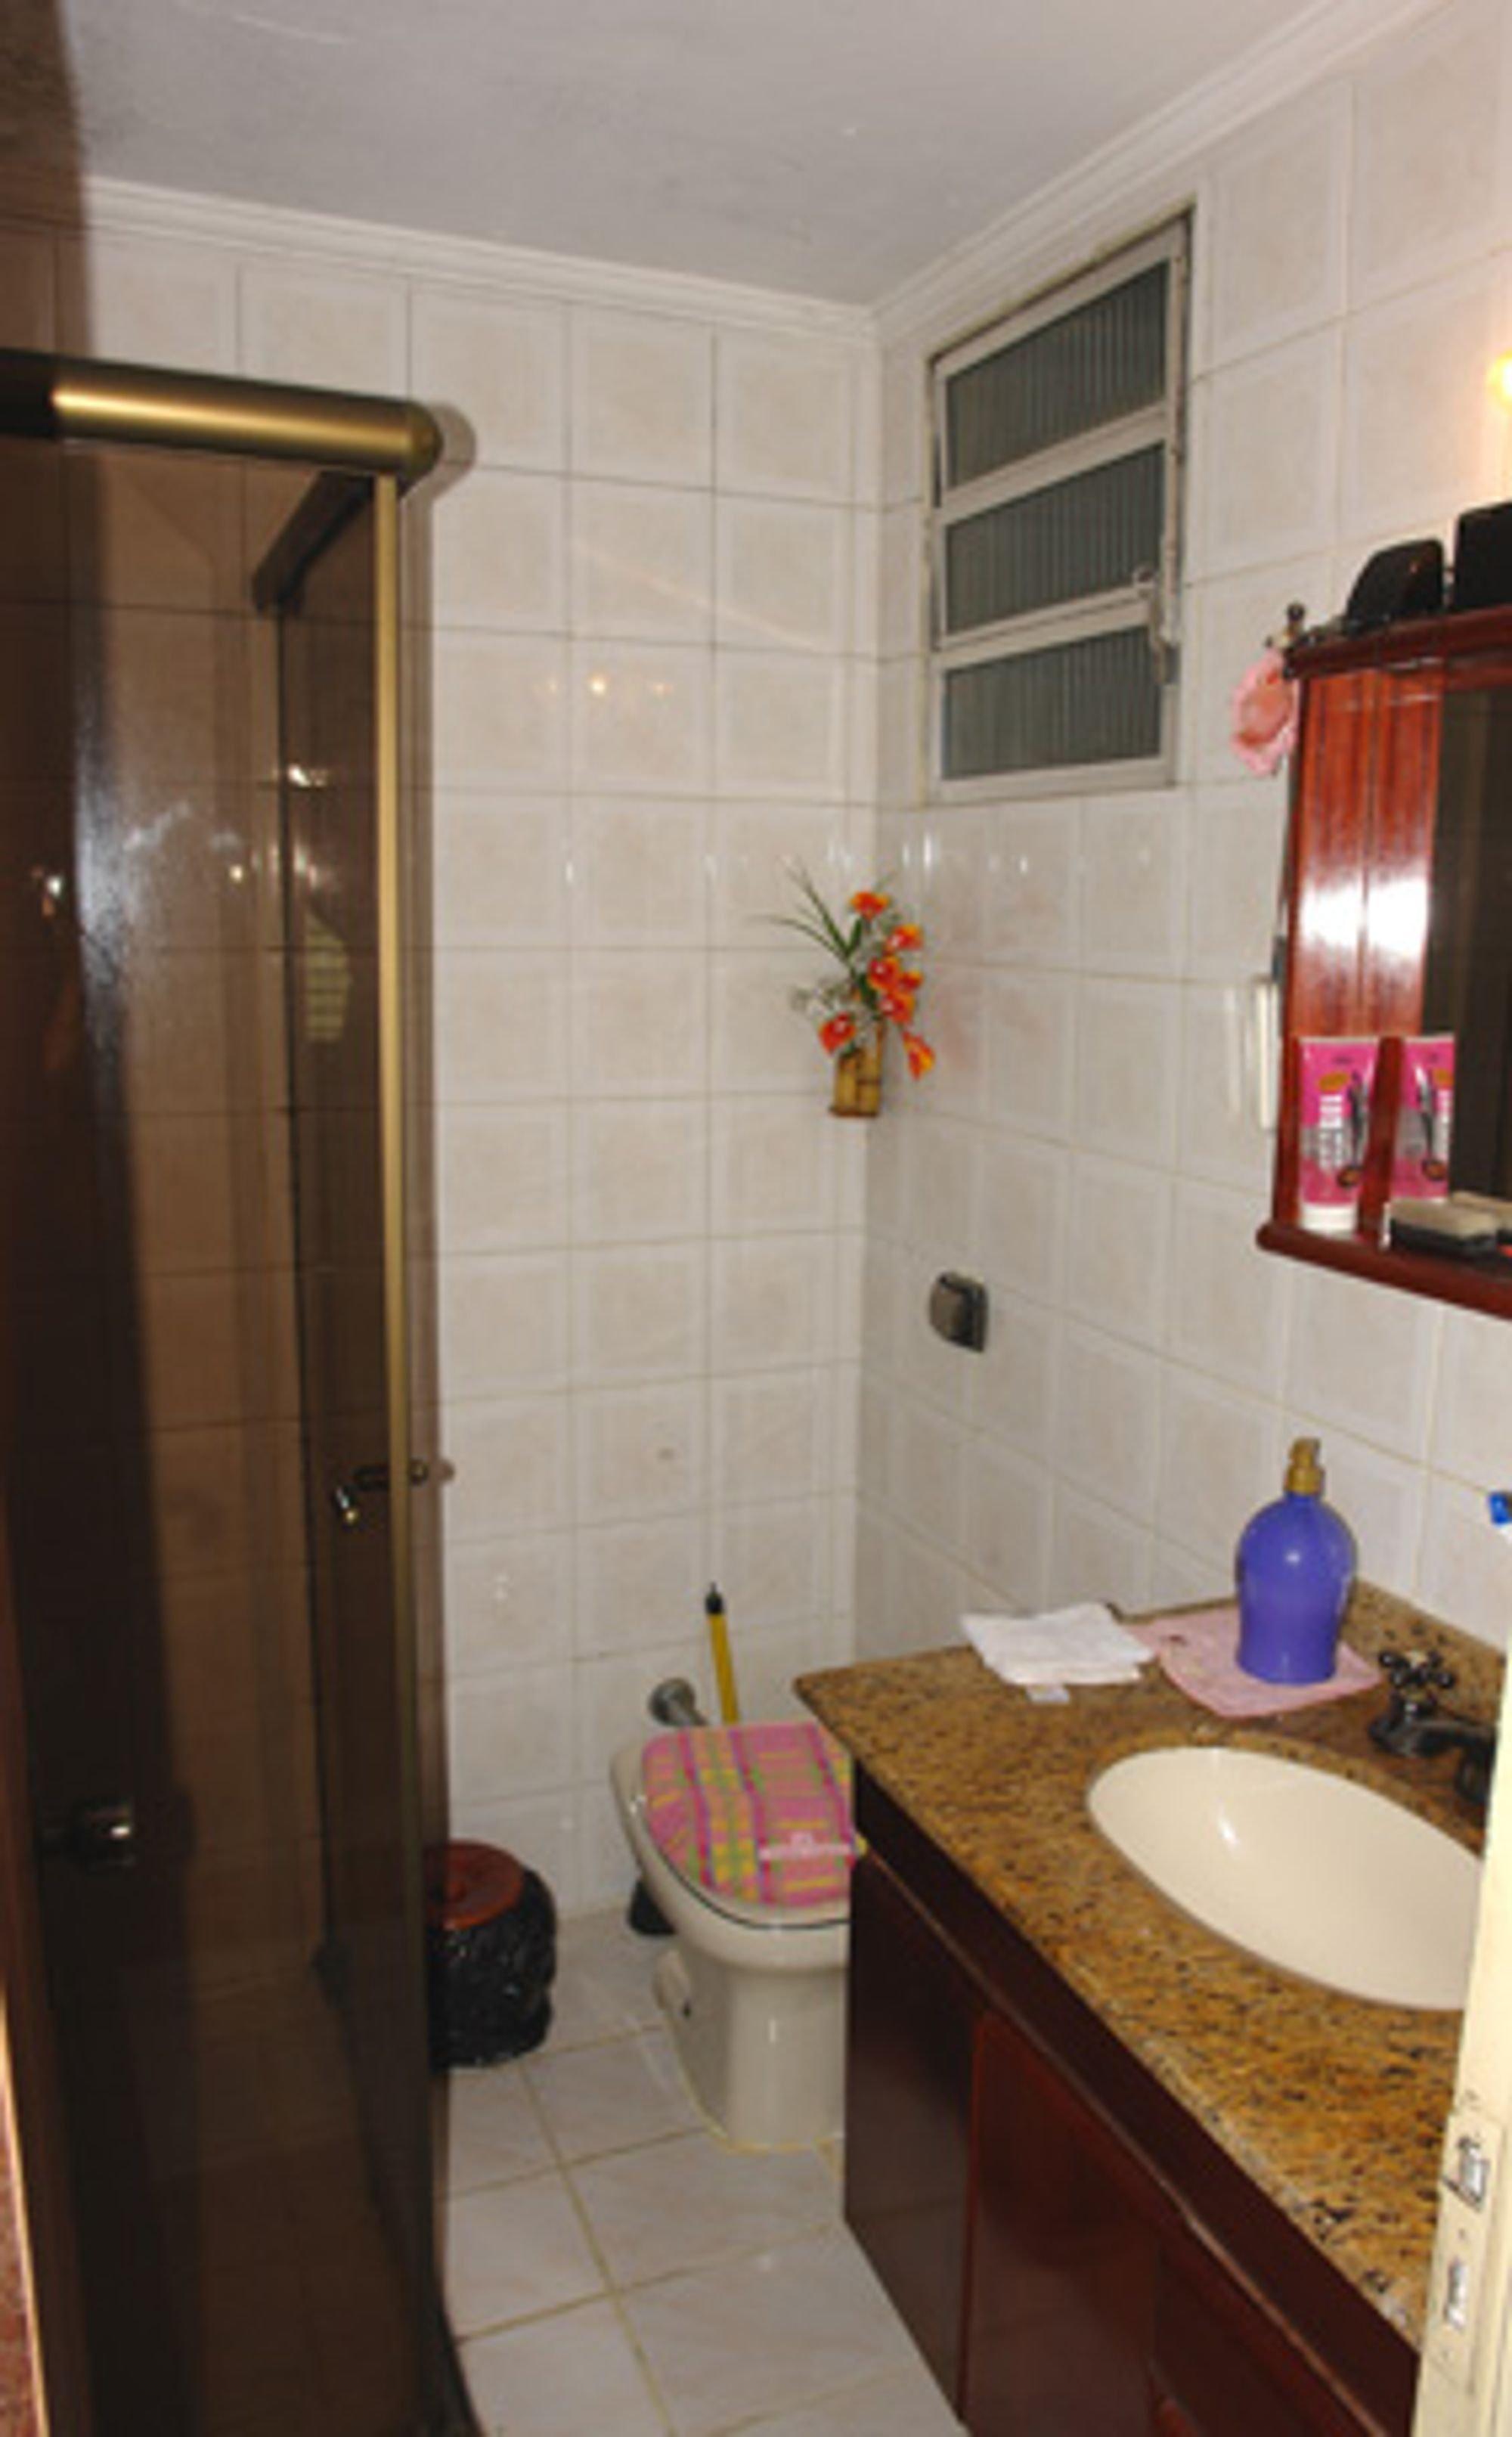 Foto de Banheiro com pia, vaso